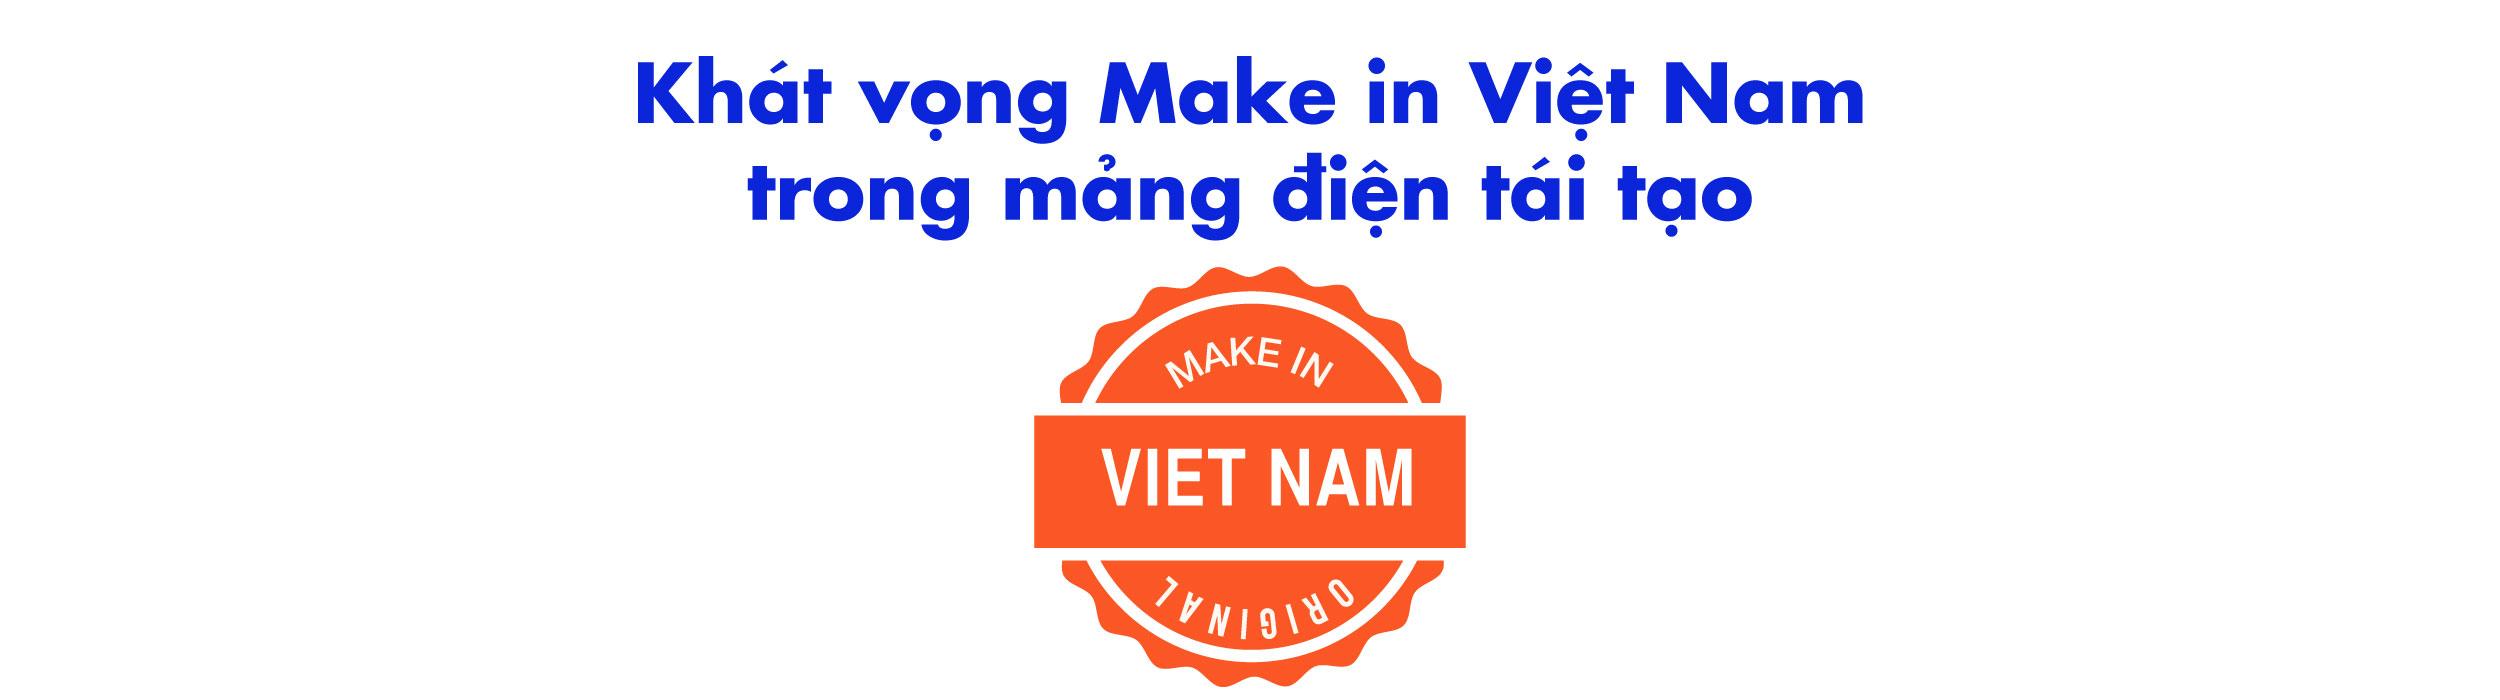 khát vọng make in Việt Nam trong mảnh điện tái tạo